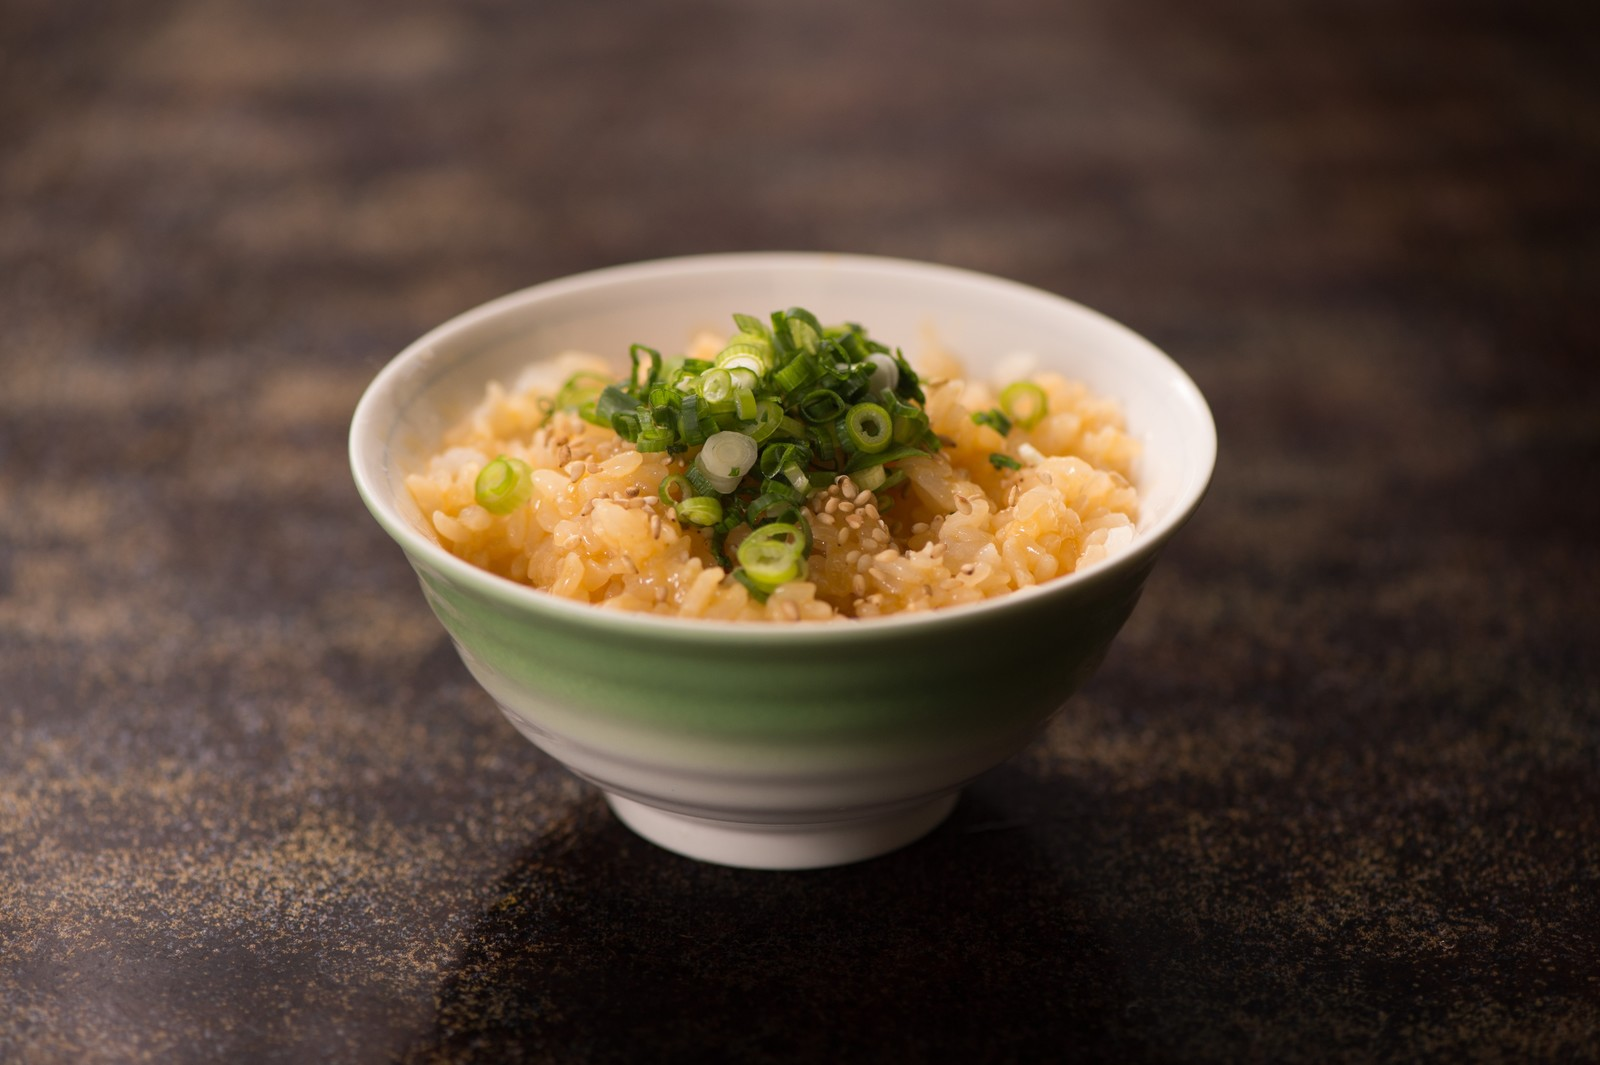 「お茶碗一杯の卵かけご飯」の写真